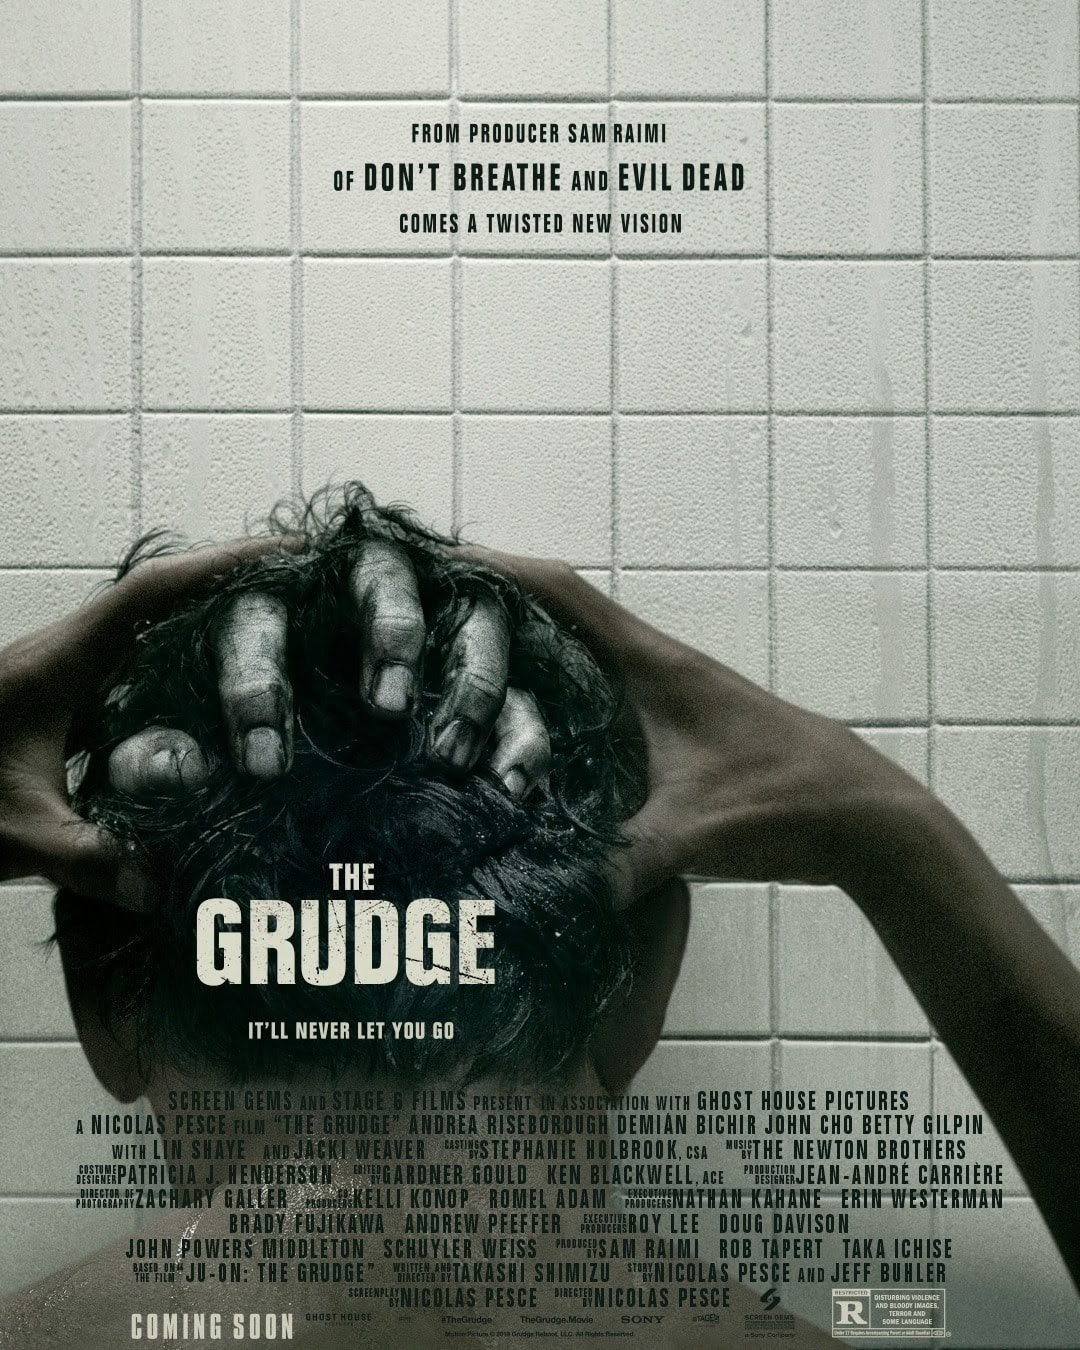 The Grudge : ハリウッド版「呪怨」の最新作「ザ・グラッジ」を製作・配給するソニピが、新しいポスターを披露して、予告編を初公開する予定のリリース日を発表 ! !